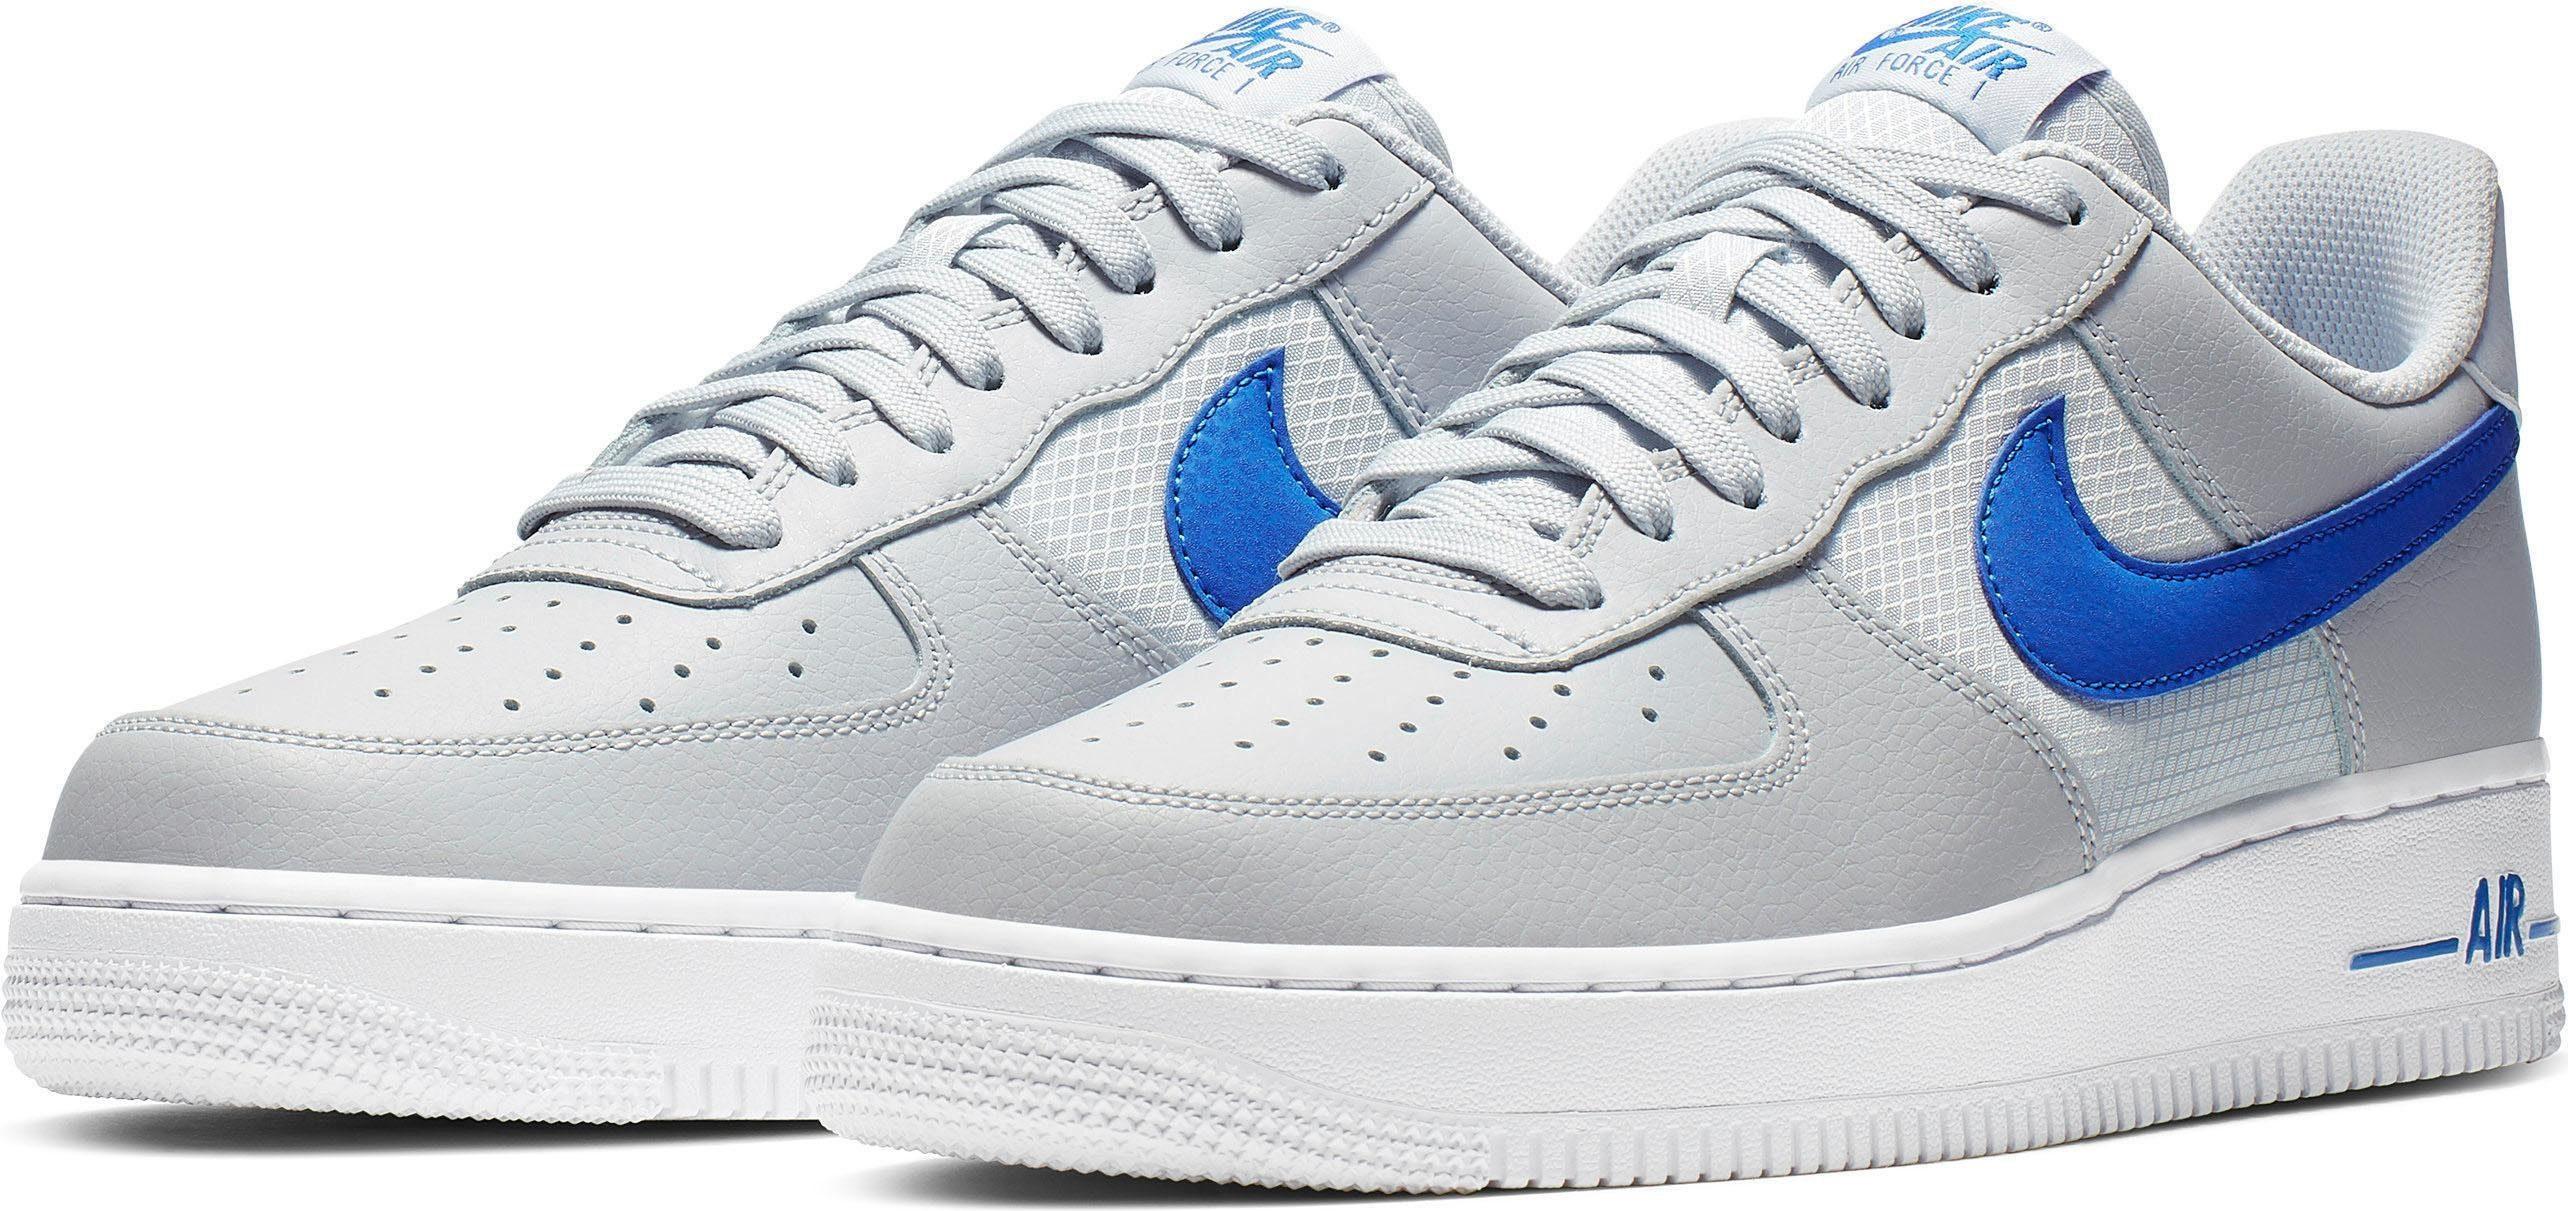 Nike Sportswear »AIR FORCE 1 '07 LV8 WE« Sneaker, Stylischer Sneaker von Nike online kaufen   OTTO